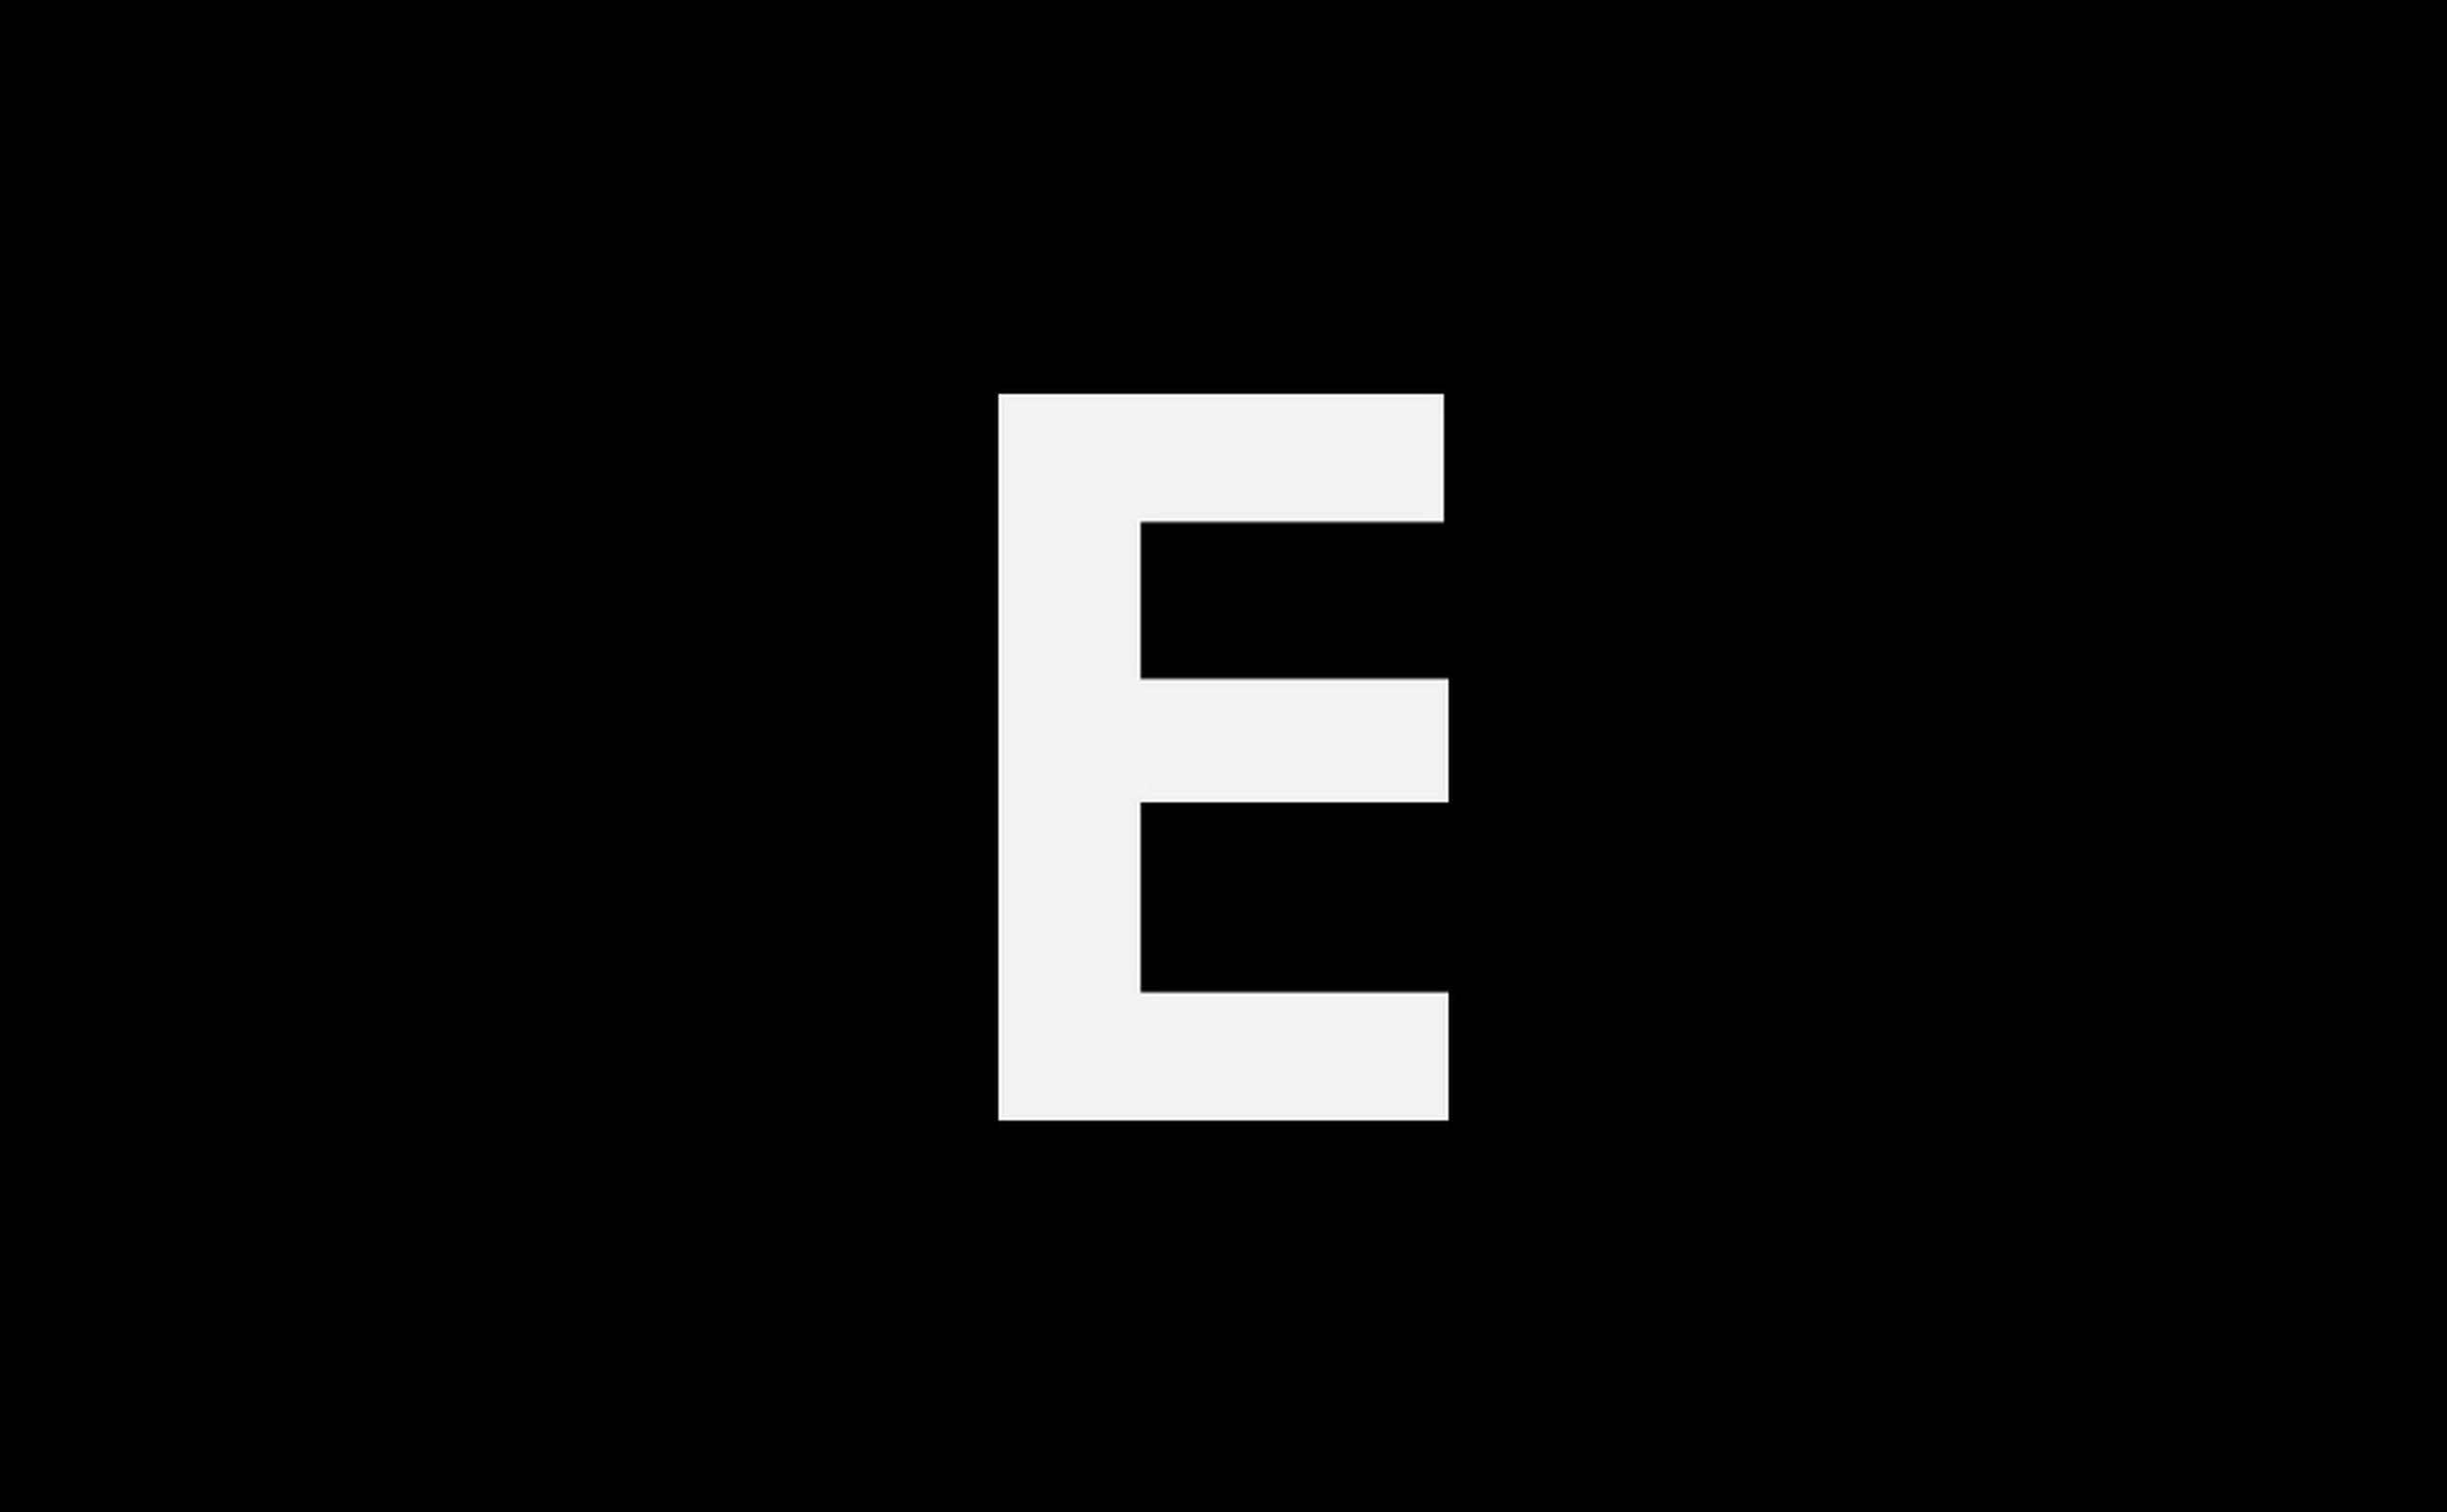 HIGH ANGLE VIEW OF TILED WALL